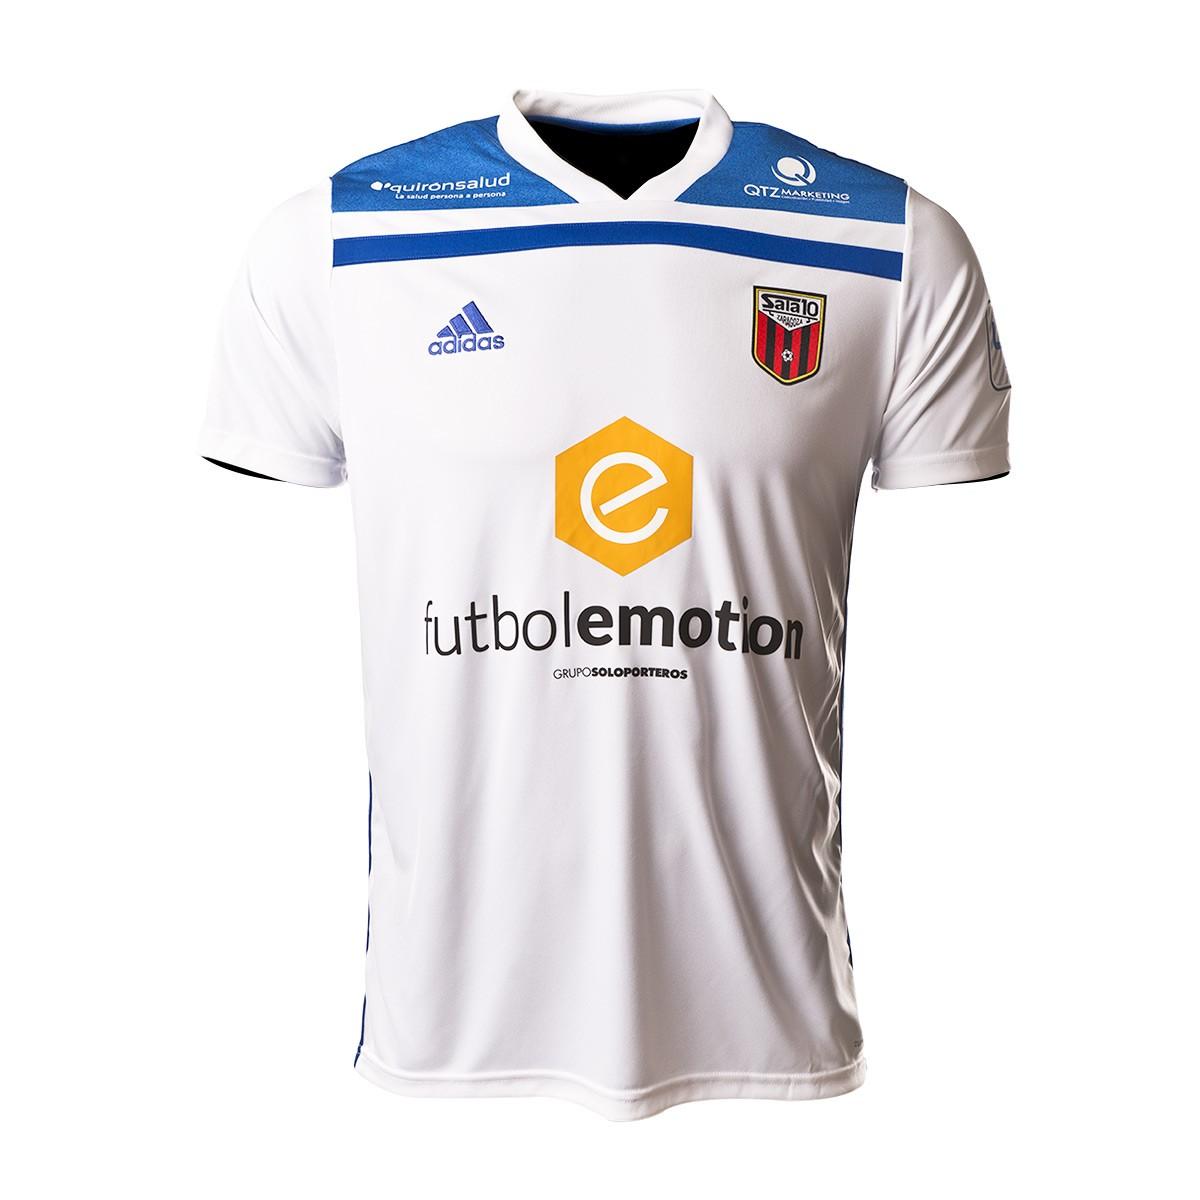 26b637d658116 Camiseta adidas Fútbol Emotion Zaragoza 1ª Equipación 18 19 Blanco-Azul  royal - Tienda de fútbol Fútbol Emotion